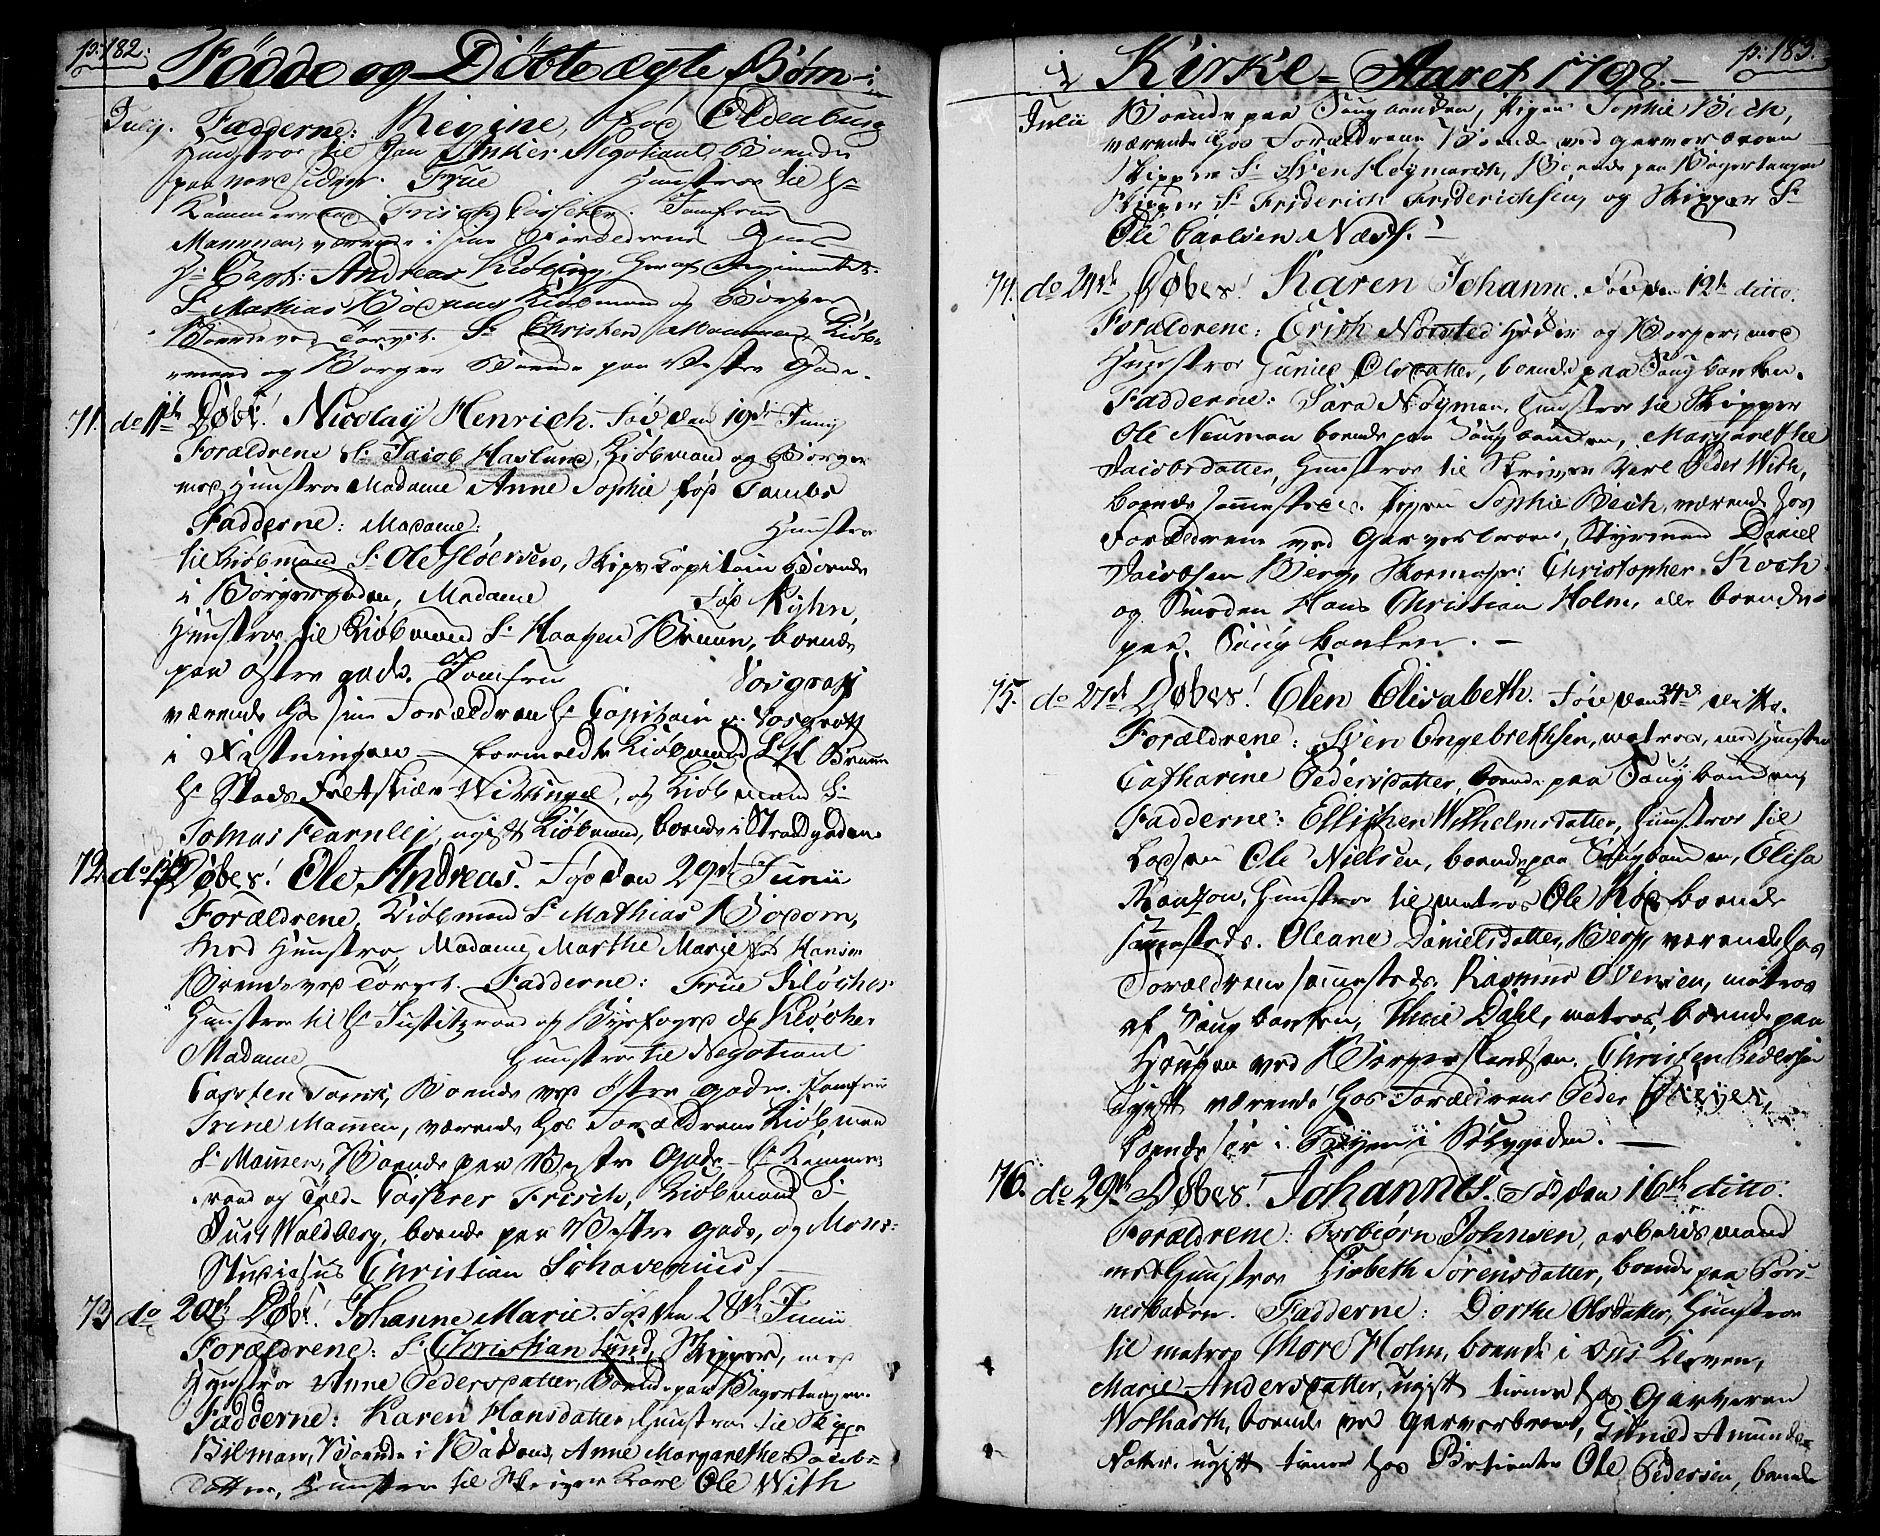 SAO, Halden prestekontor Kirkebøker, F/Fa/L0002: Ministerialbok nr. I 2, 1792-1812, s. 182-183